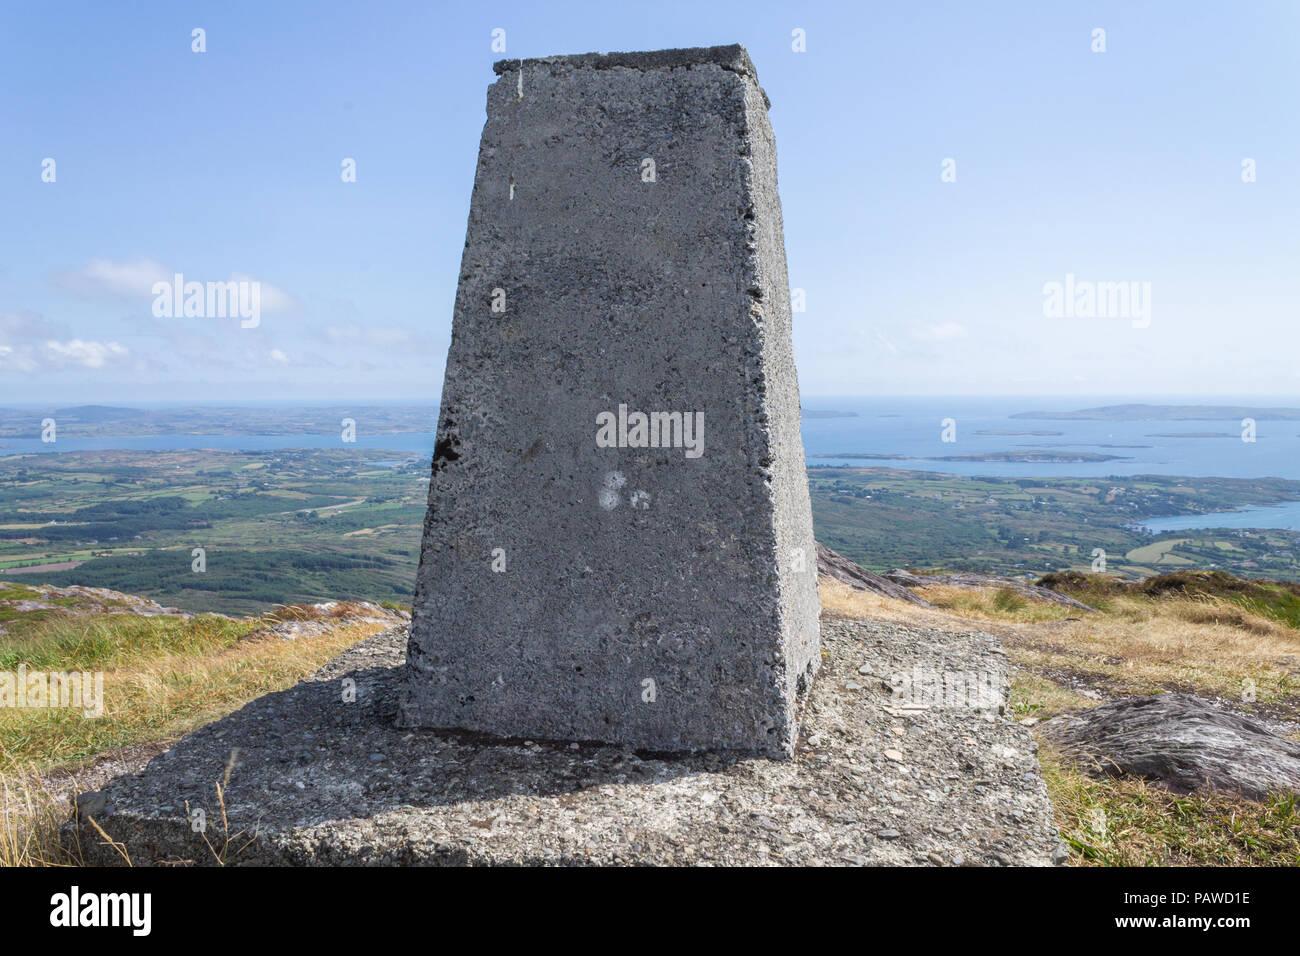 Monte Gabriel, Schull, West Cork, Irlanda. El 25 de julio de 2018. Otro glorioso día cálido y soleado en el oeste de Cork, con una fresca brisa que sopla en la cima del monte Gabriel. El punto de triangulación en el pico a 407m con vistas fantásticas vistas de la costa de West Cork. Crédito: aphperspective/Alamy Live News Imagen De Stock